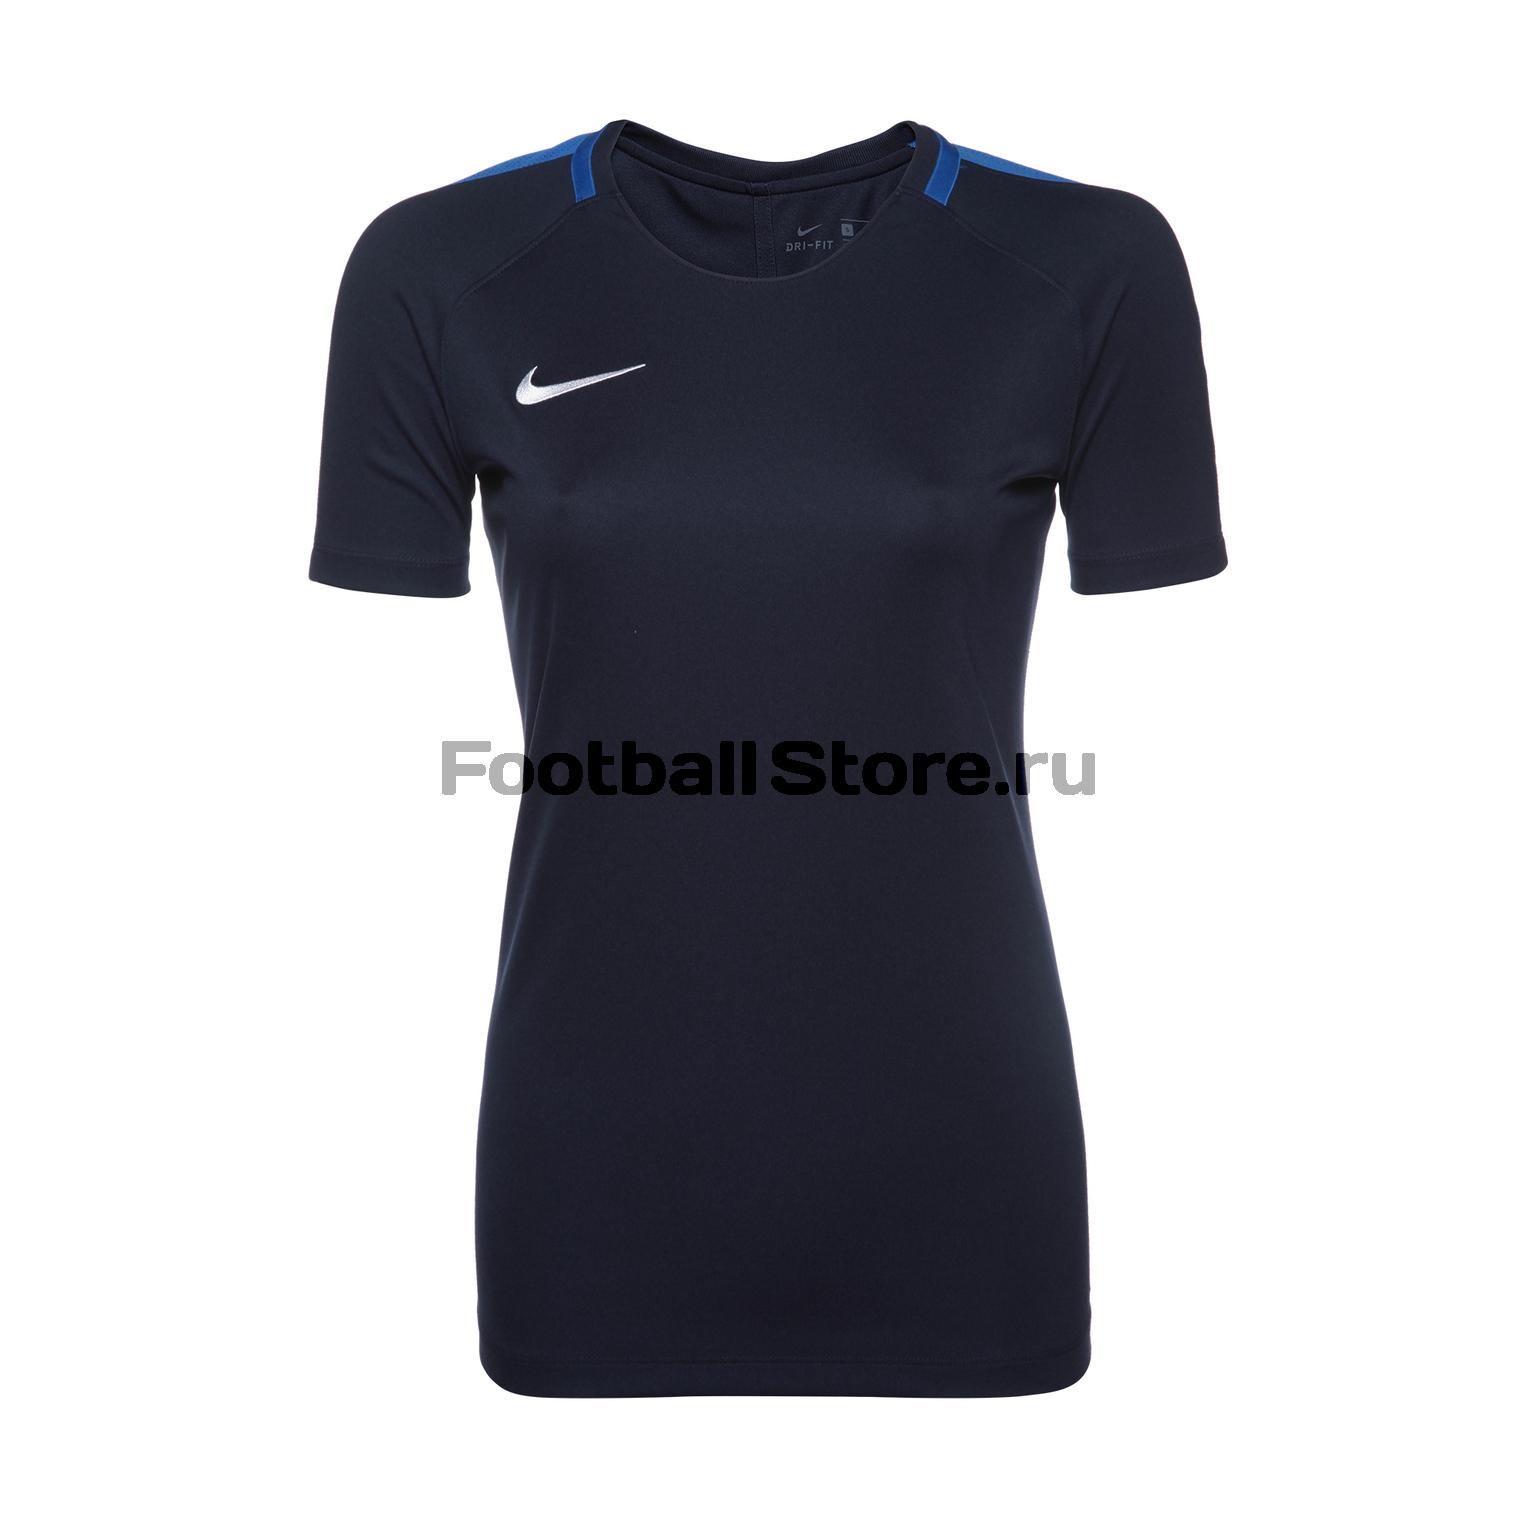 Футболка тренировочная женская Nike Academy 893741-451 футболка тренировочная женская nike academy 893741 361